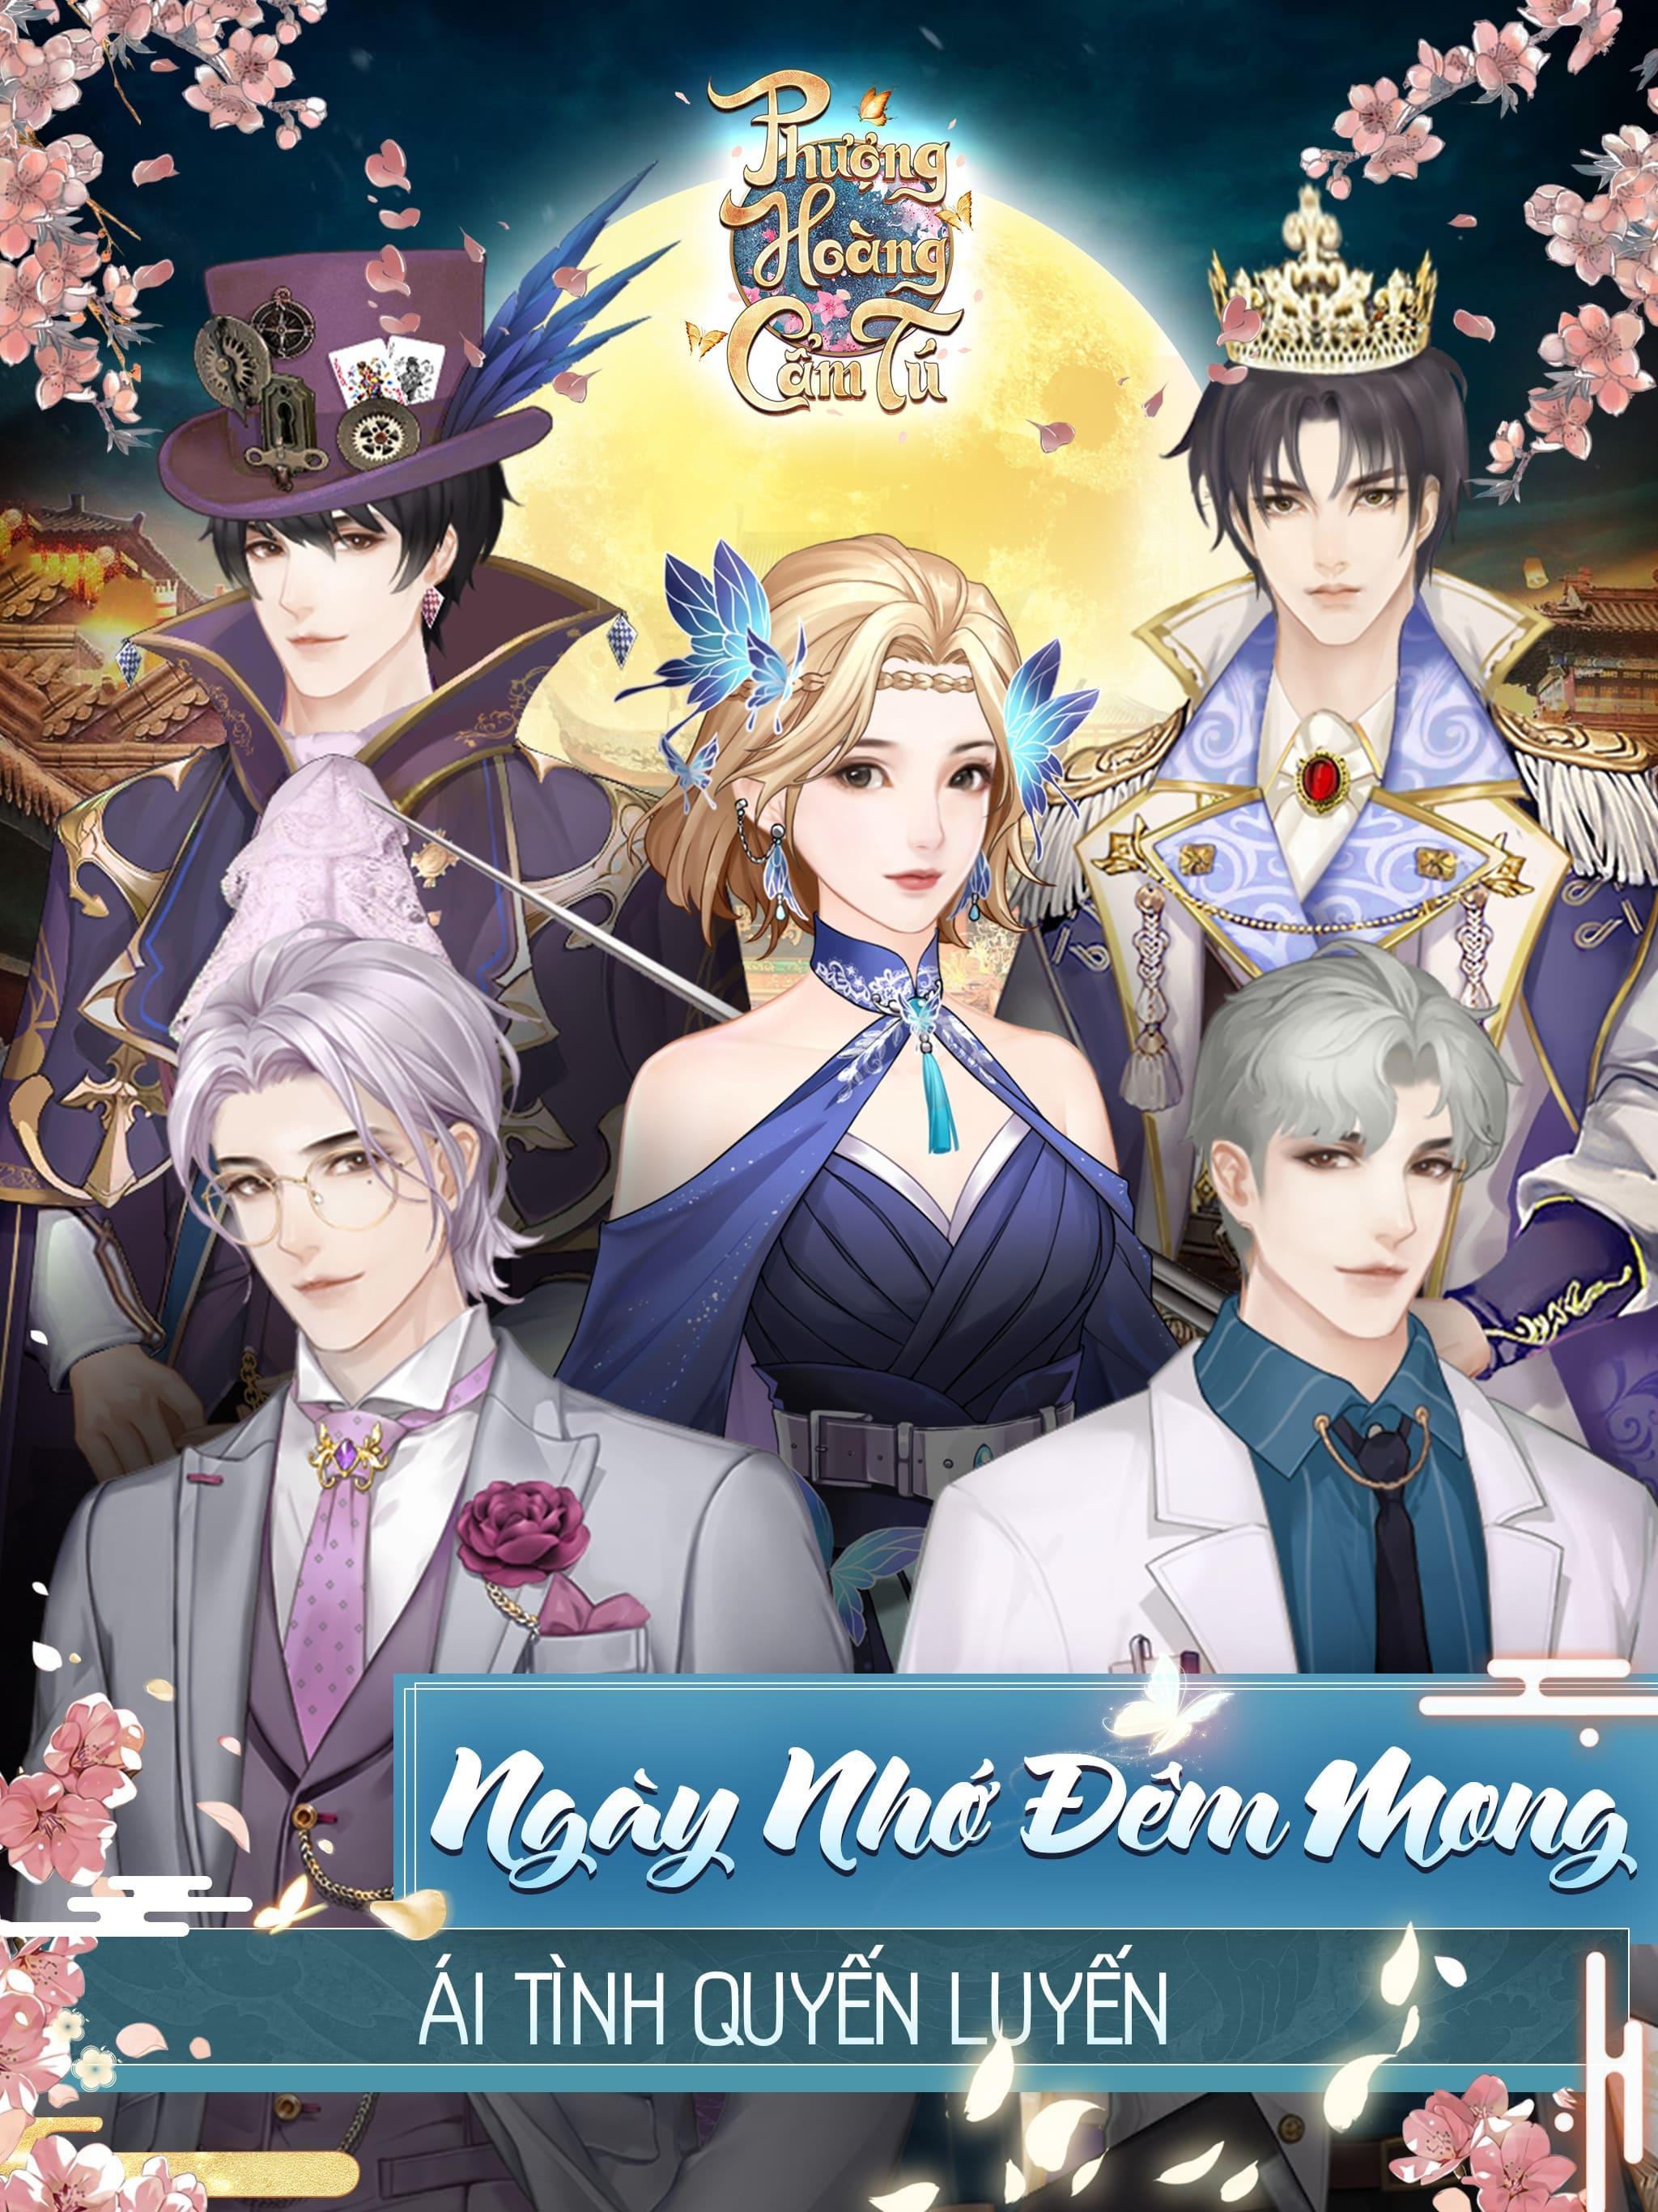 Phượng Hoàng Cẩm Tú – Game mobile cung đấu hấp dẫn sắp ra mắt